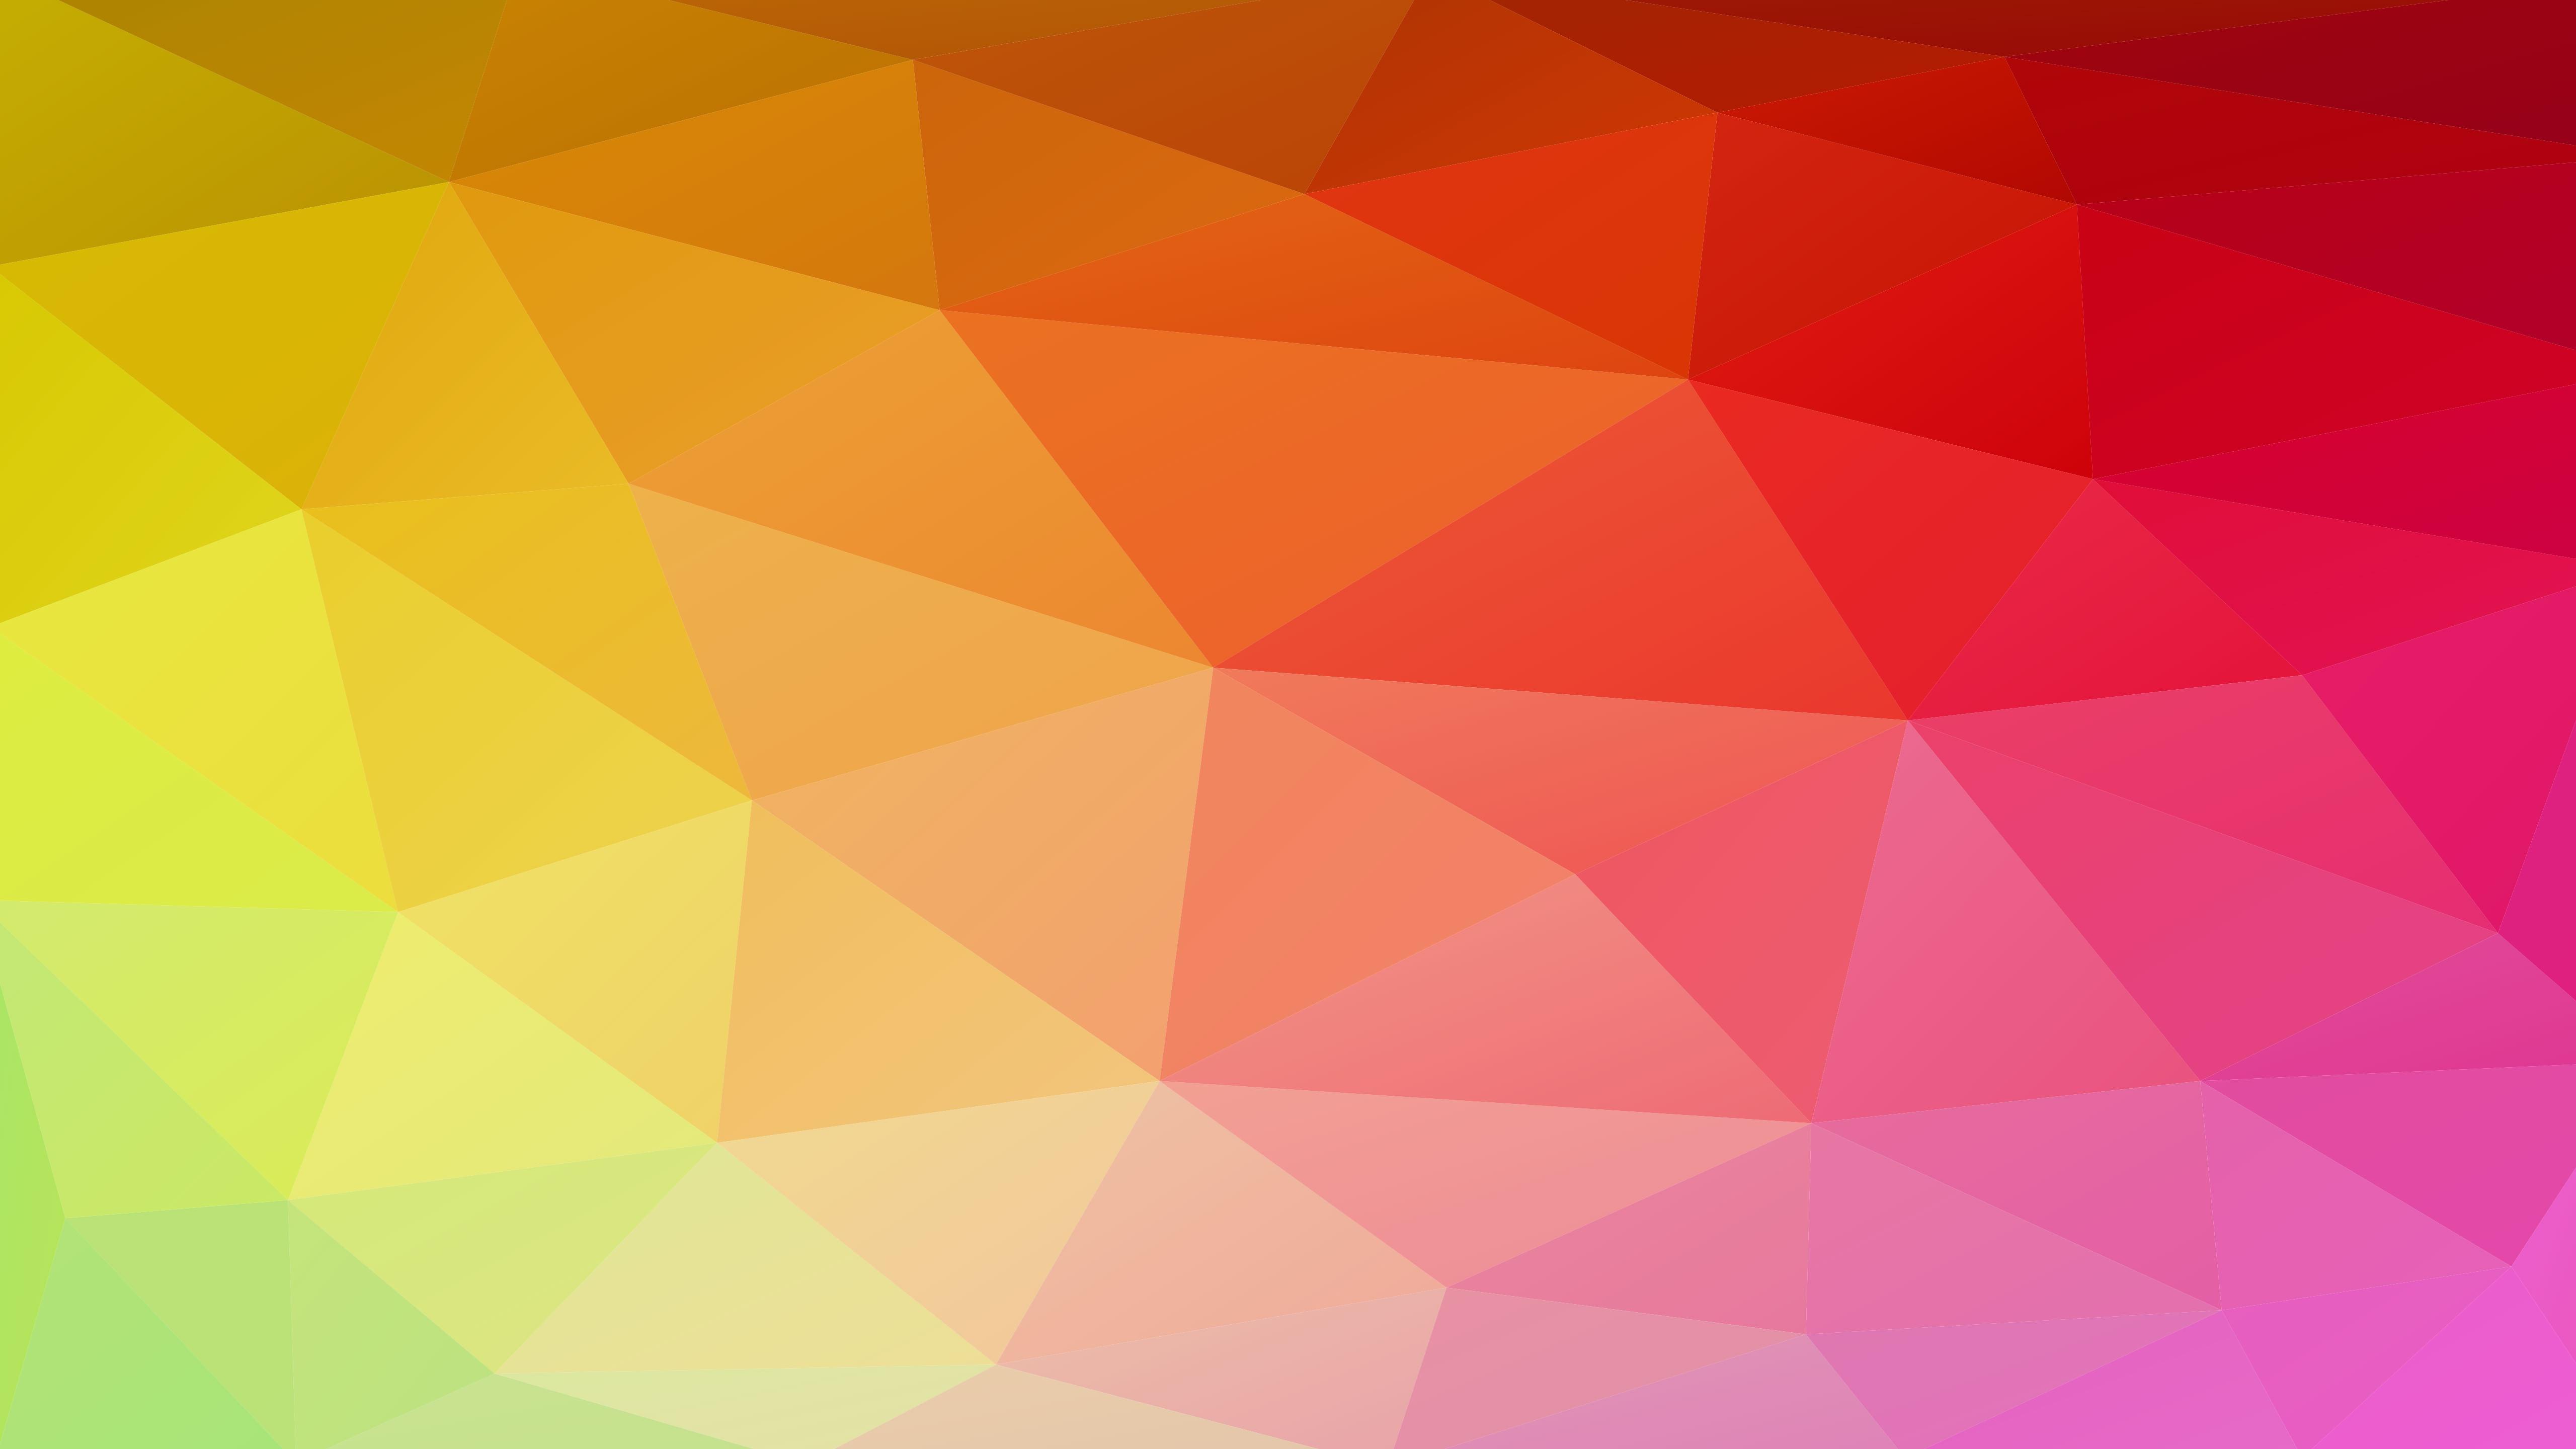 desktop wallpaper wallpapersc pcmac5k4k - photo #6